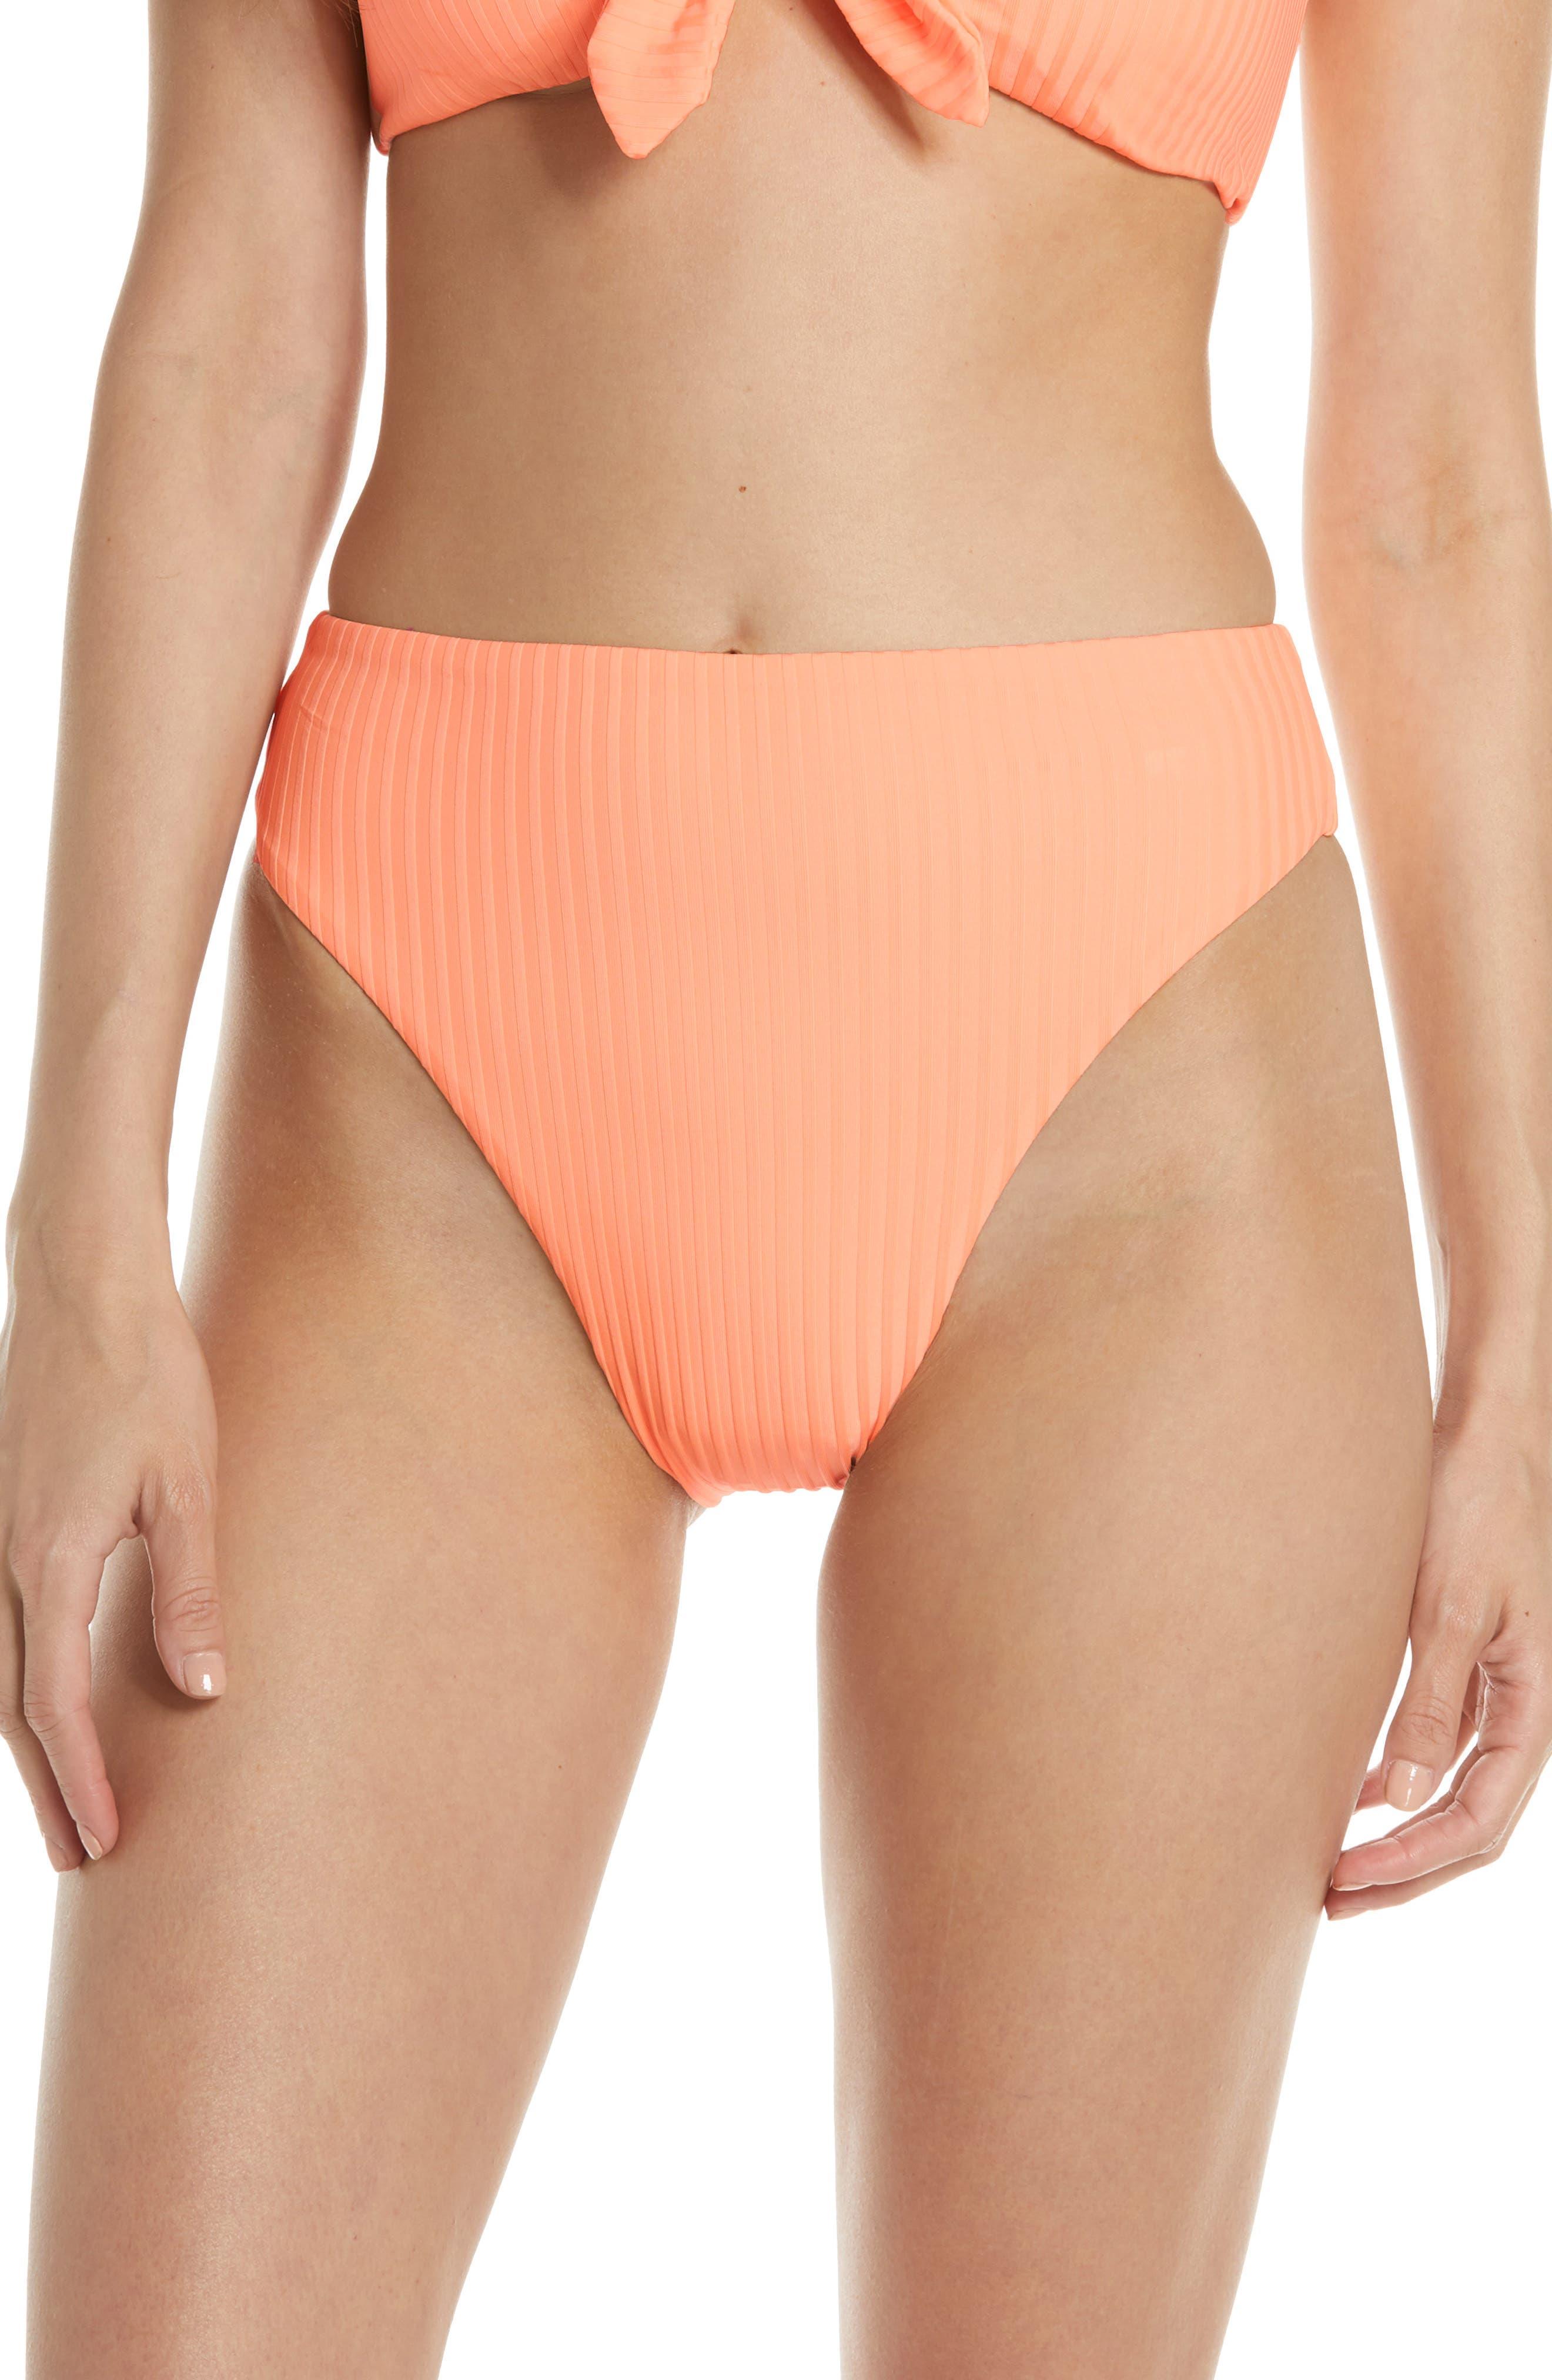 Dolce Vita High Waist High Leg Bikini Bottoms, Orange